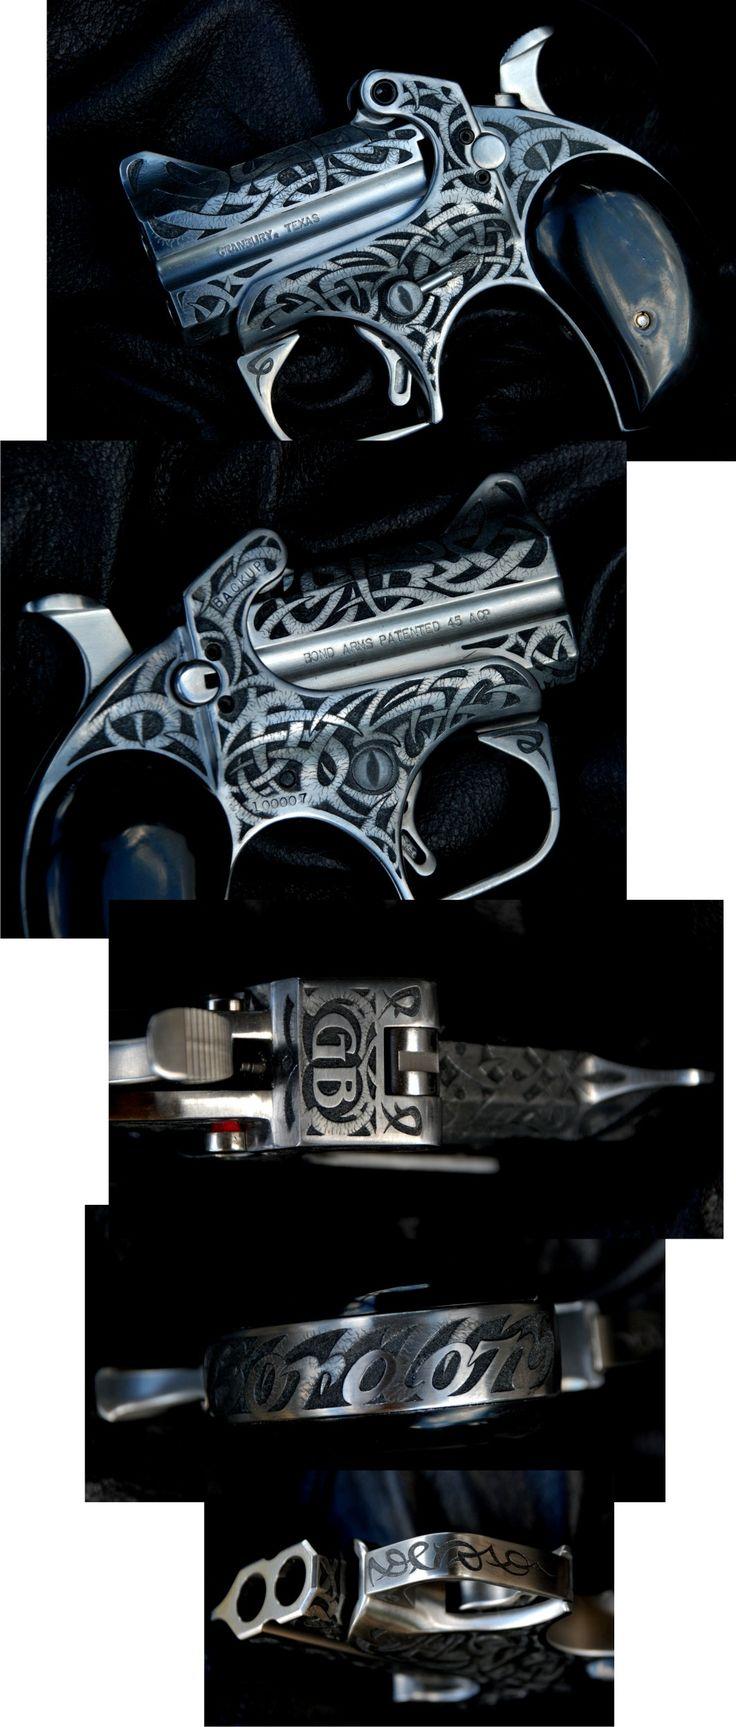 Bond Arms Derringer Backup